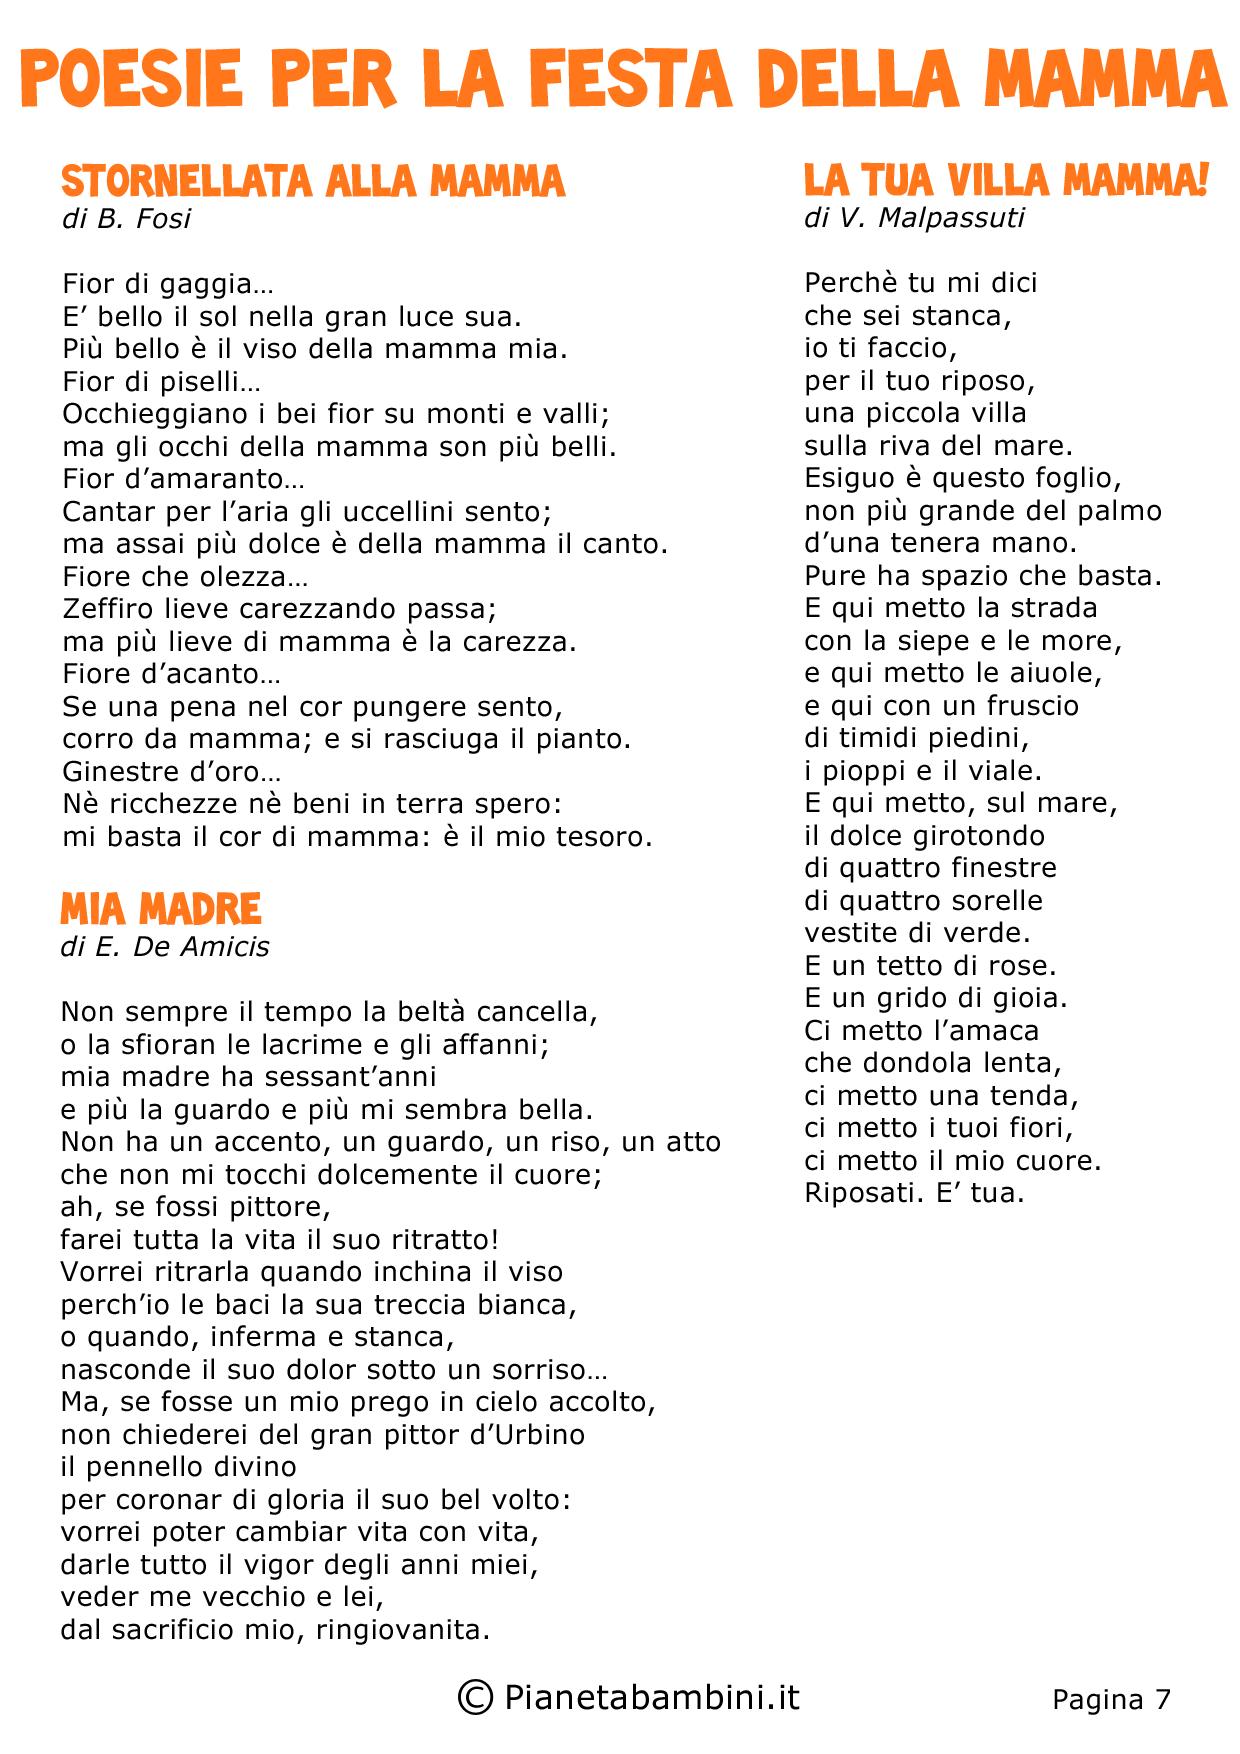 Poesie-Festa-Mamma-07